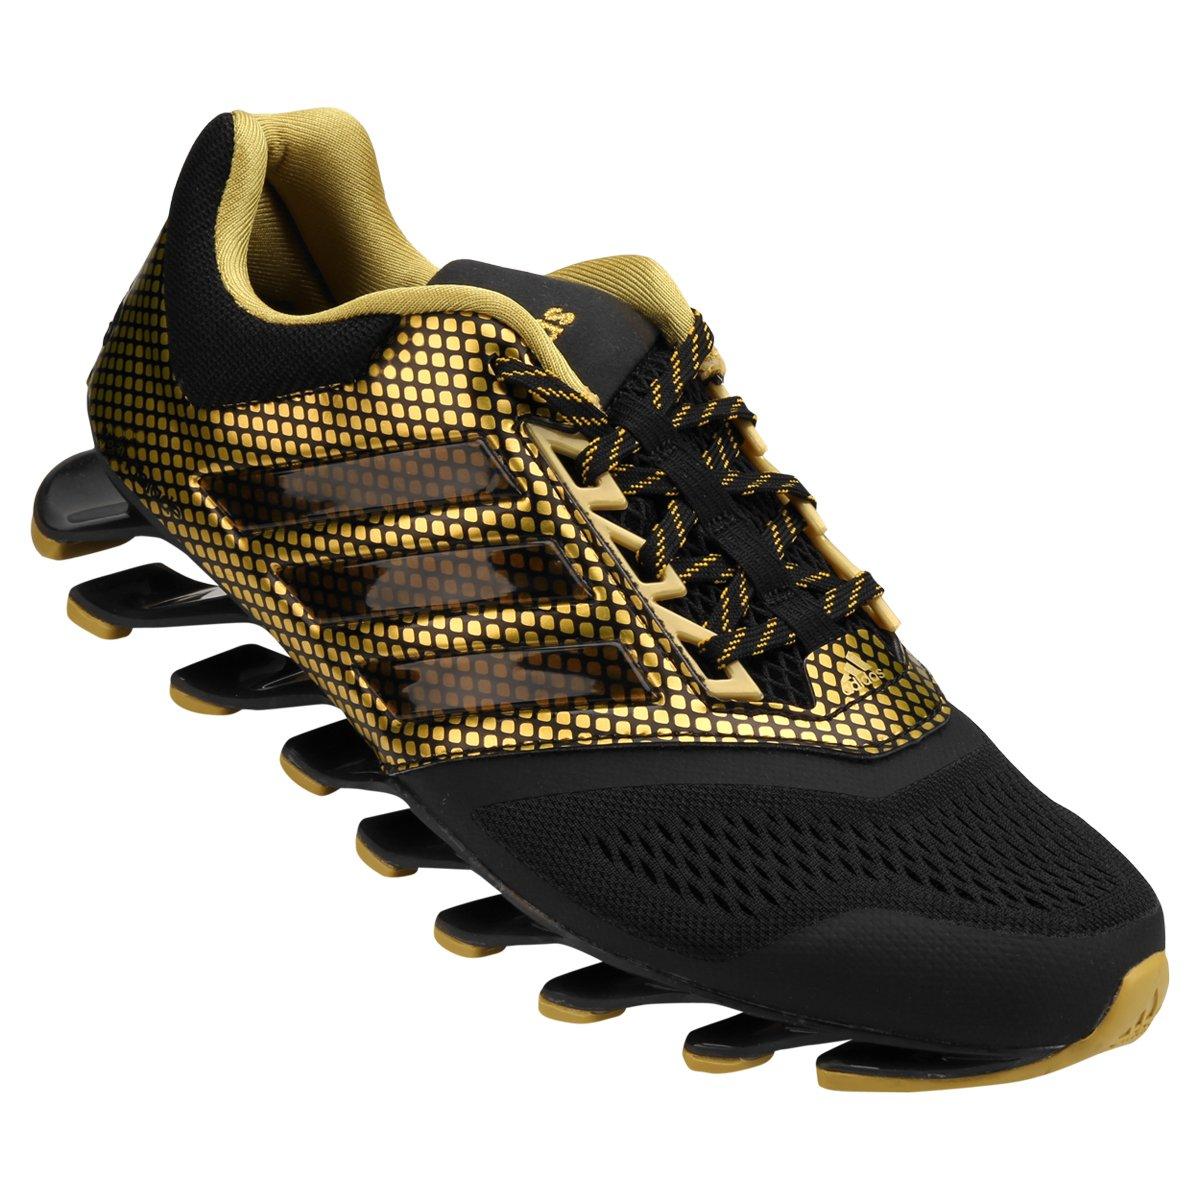 meilleure sélection 92516 efd4e store adidas springblade brun guld bca97 226b5